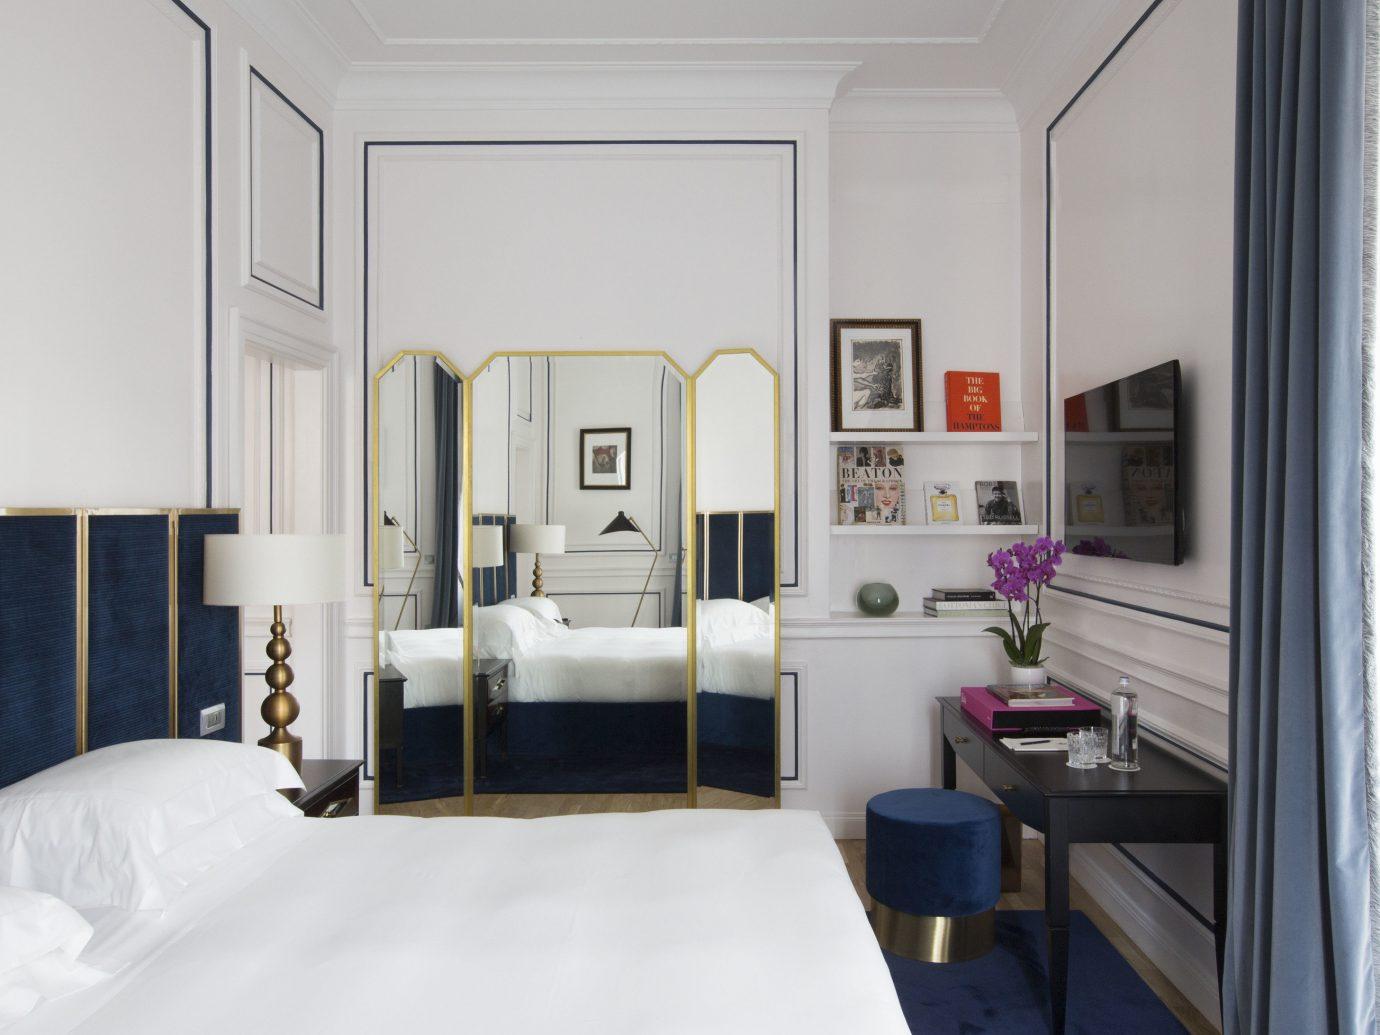 Boutique Hotels Hotels indoor wall bed room property home interior design floor cottage white real estate Bedroom Suite estate living room Design apartment loft